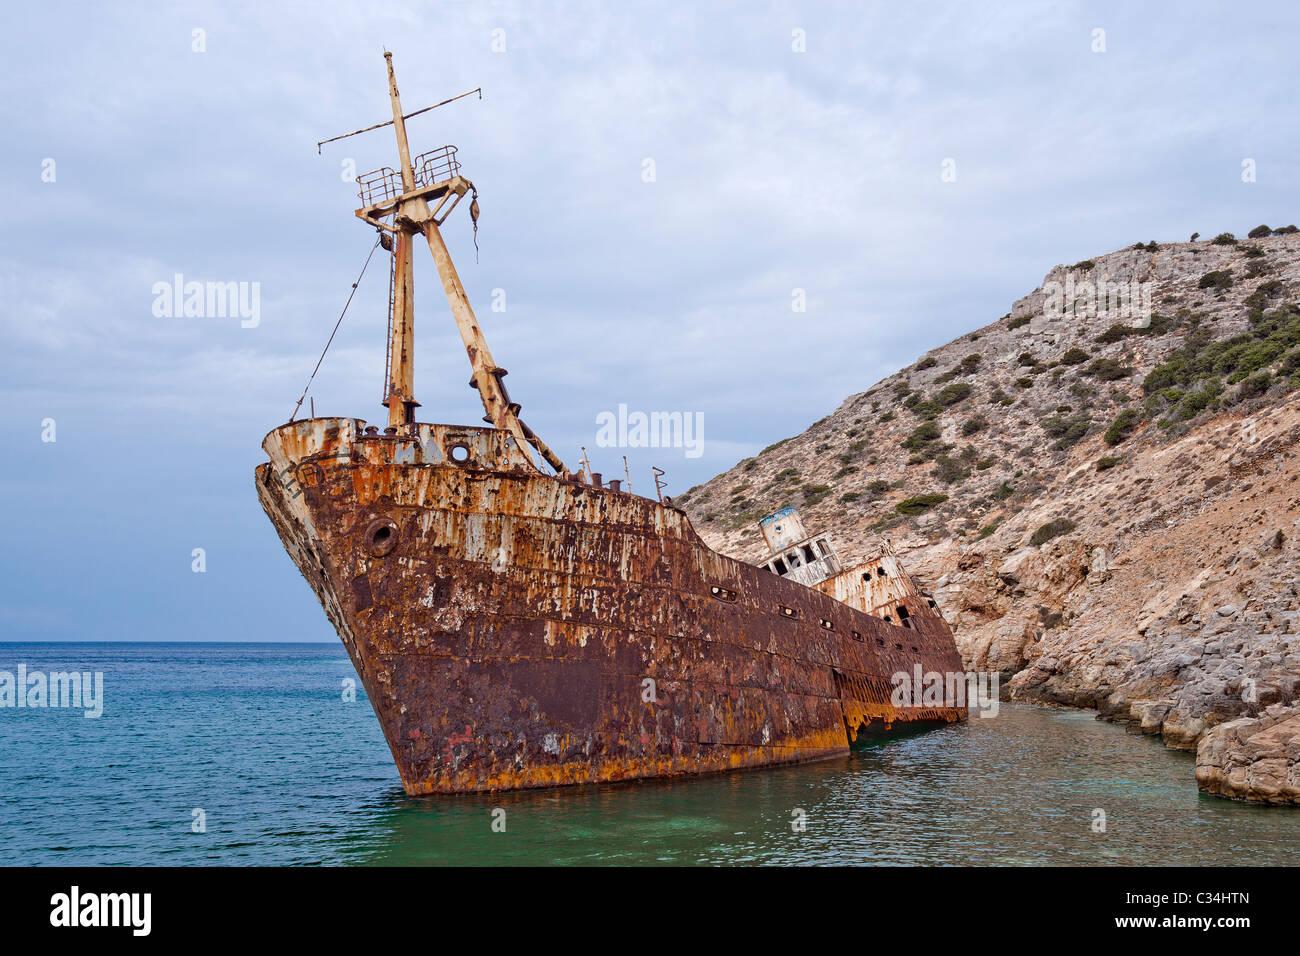 Olympia-Schiffswrack in Ormos Liveros Creek auf Amorgos Insel, die östlichste Insel der griechischen Kykladen. Stockfoto